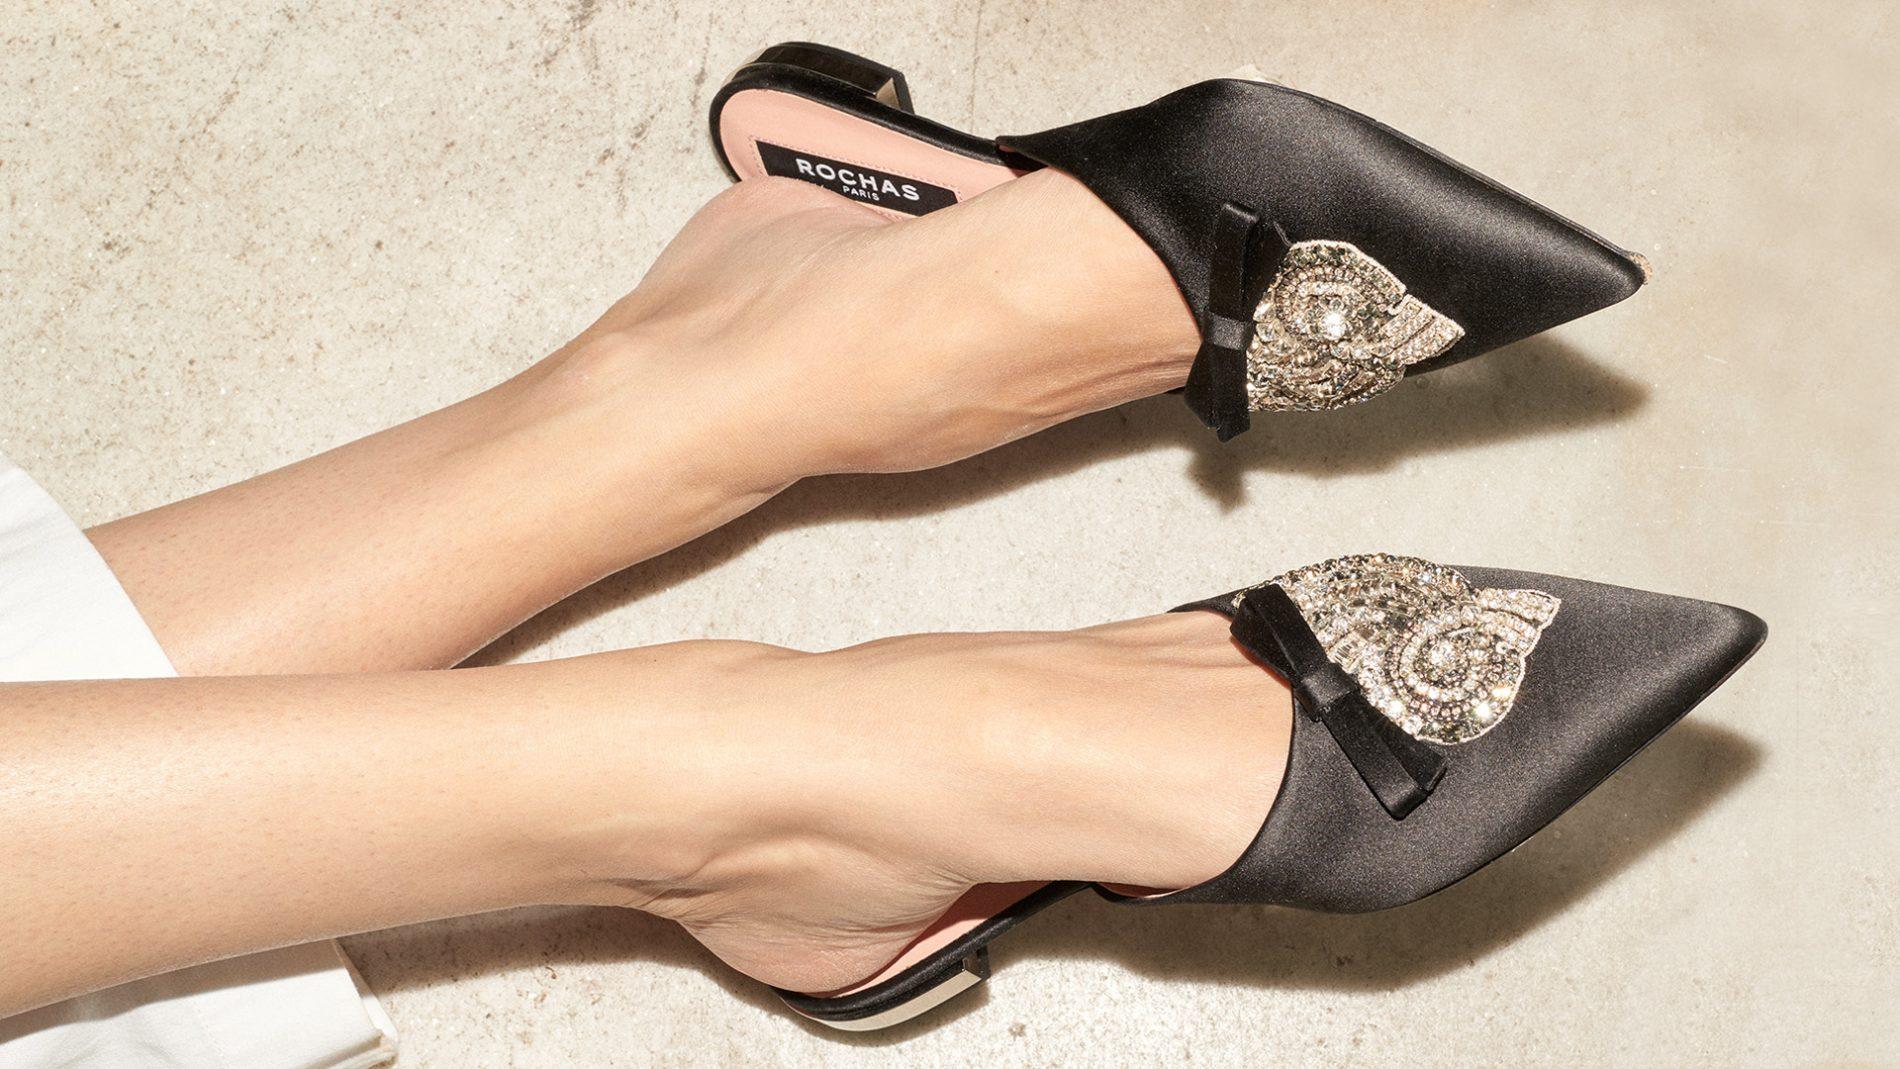 El Corte Inglés Designer Shoes Rochas Mules